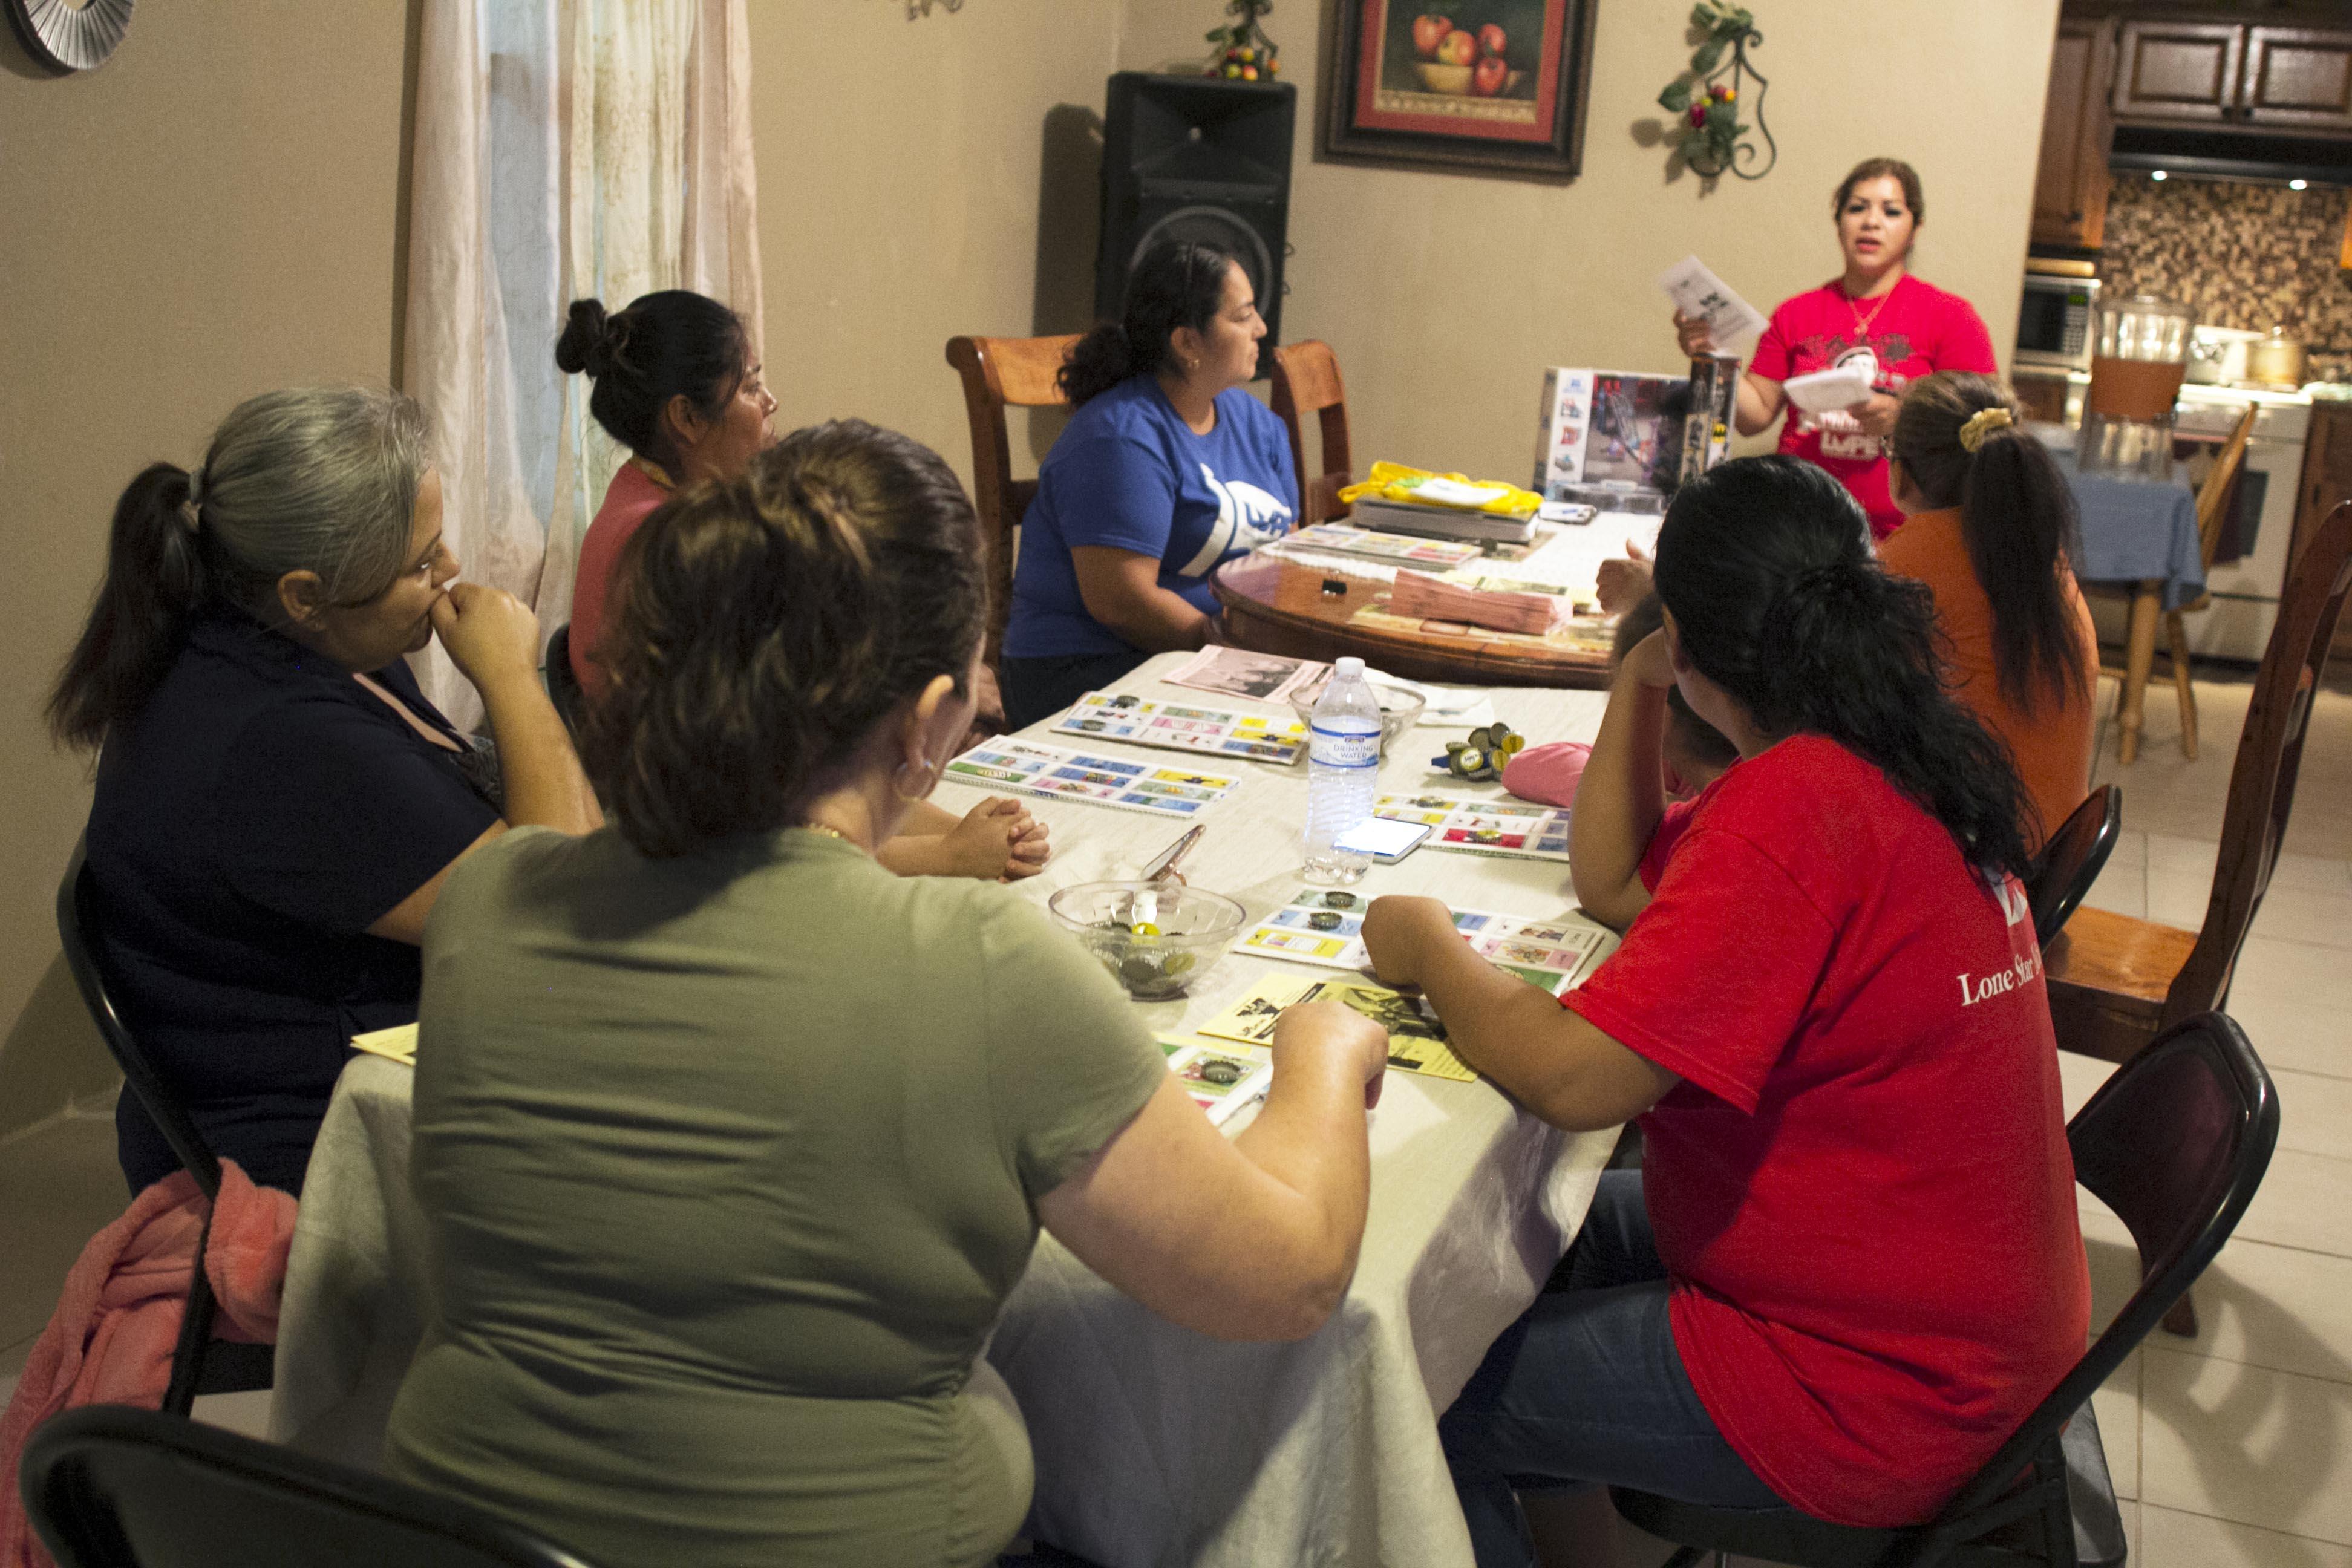 Yadira  González canta las cartas de Censo Lote, en una recepción en su casa.